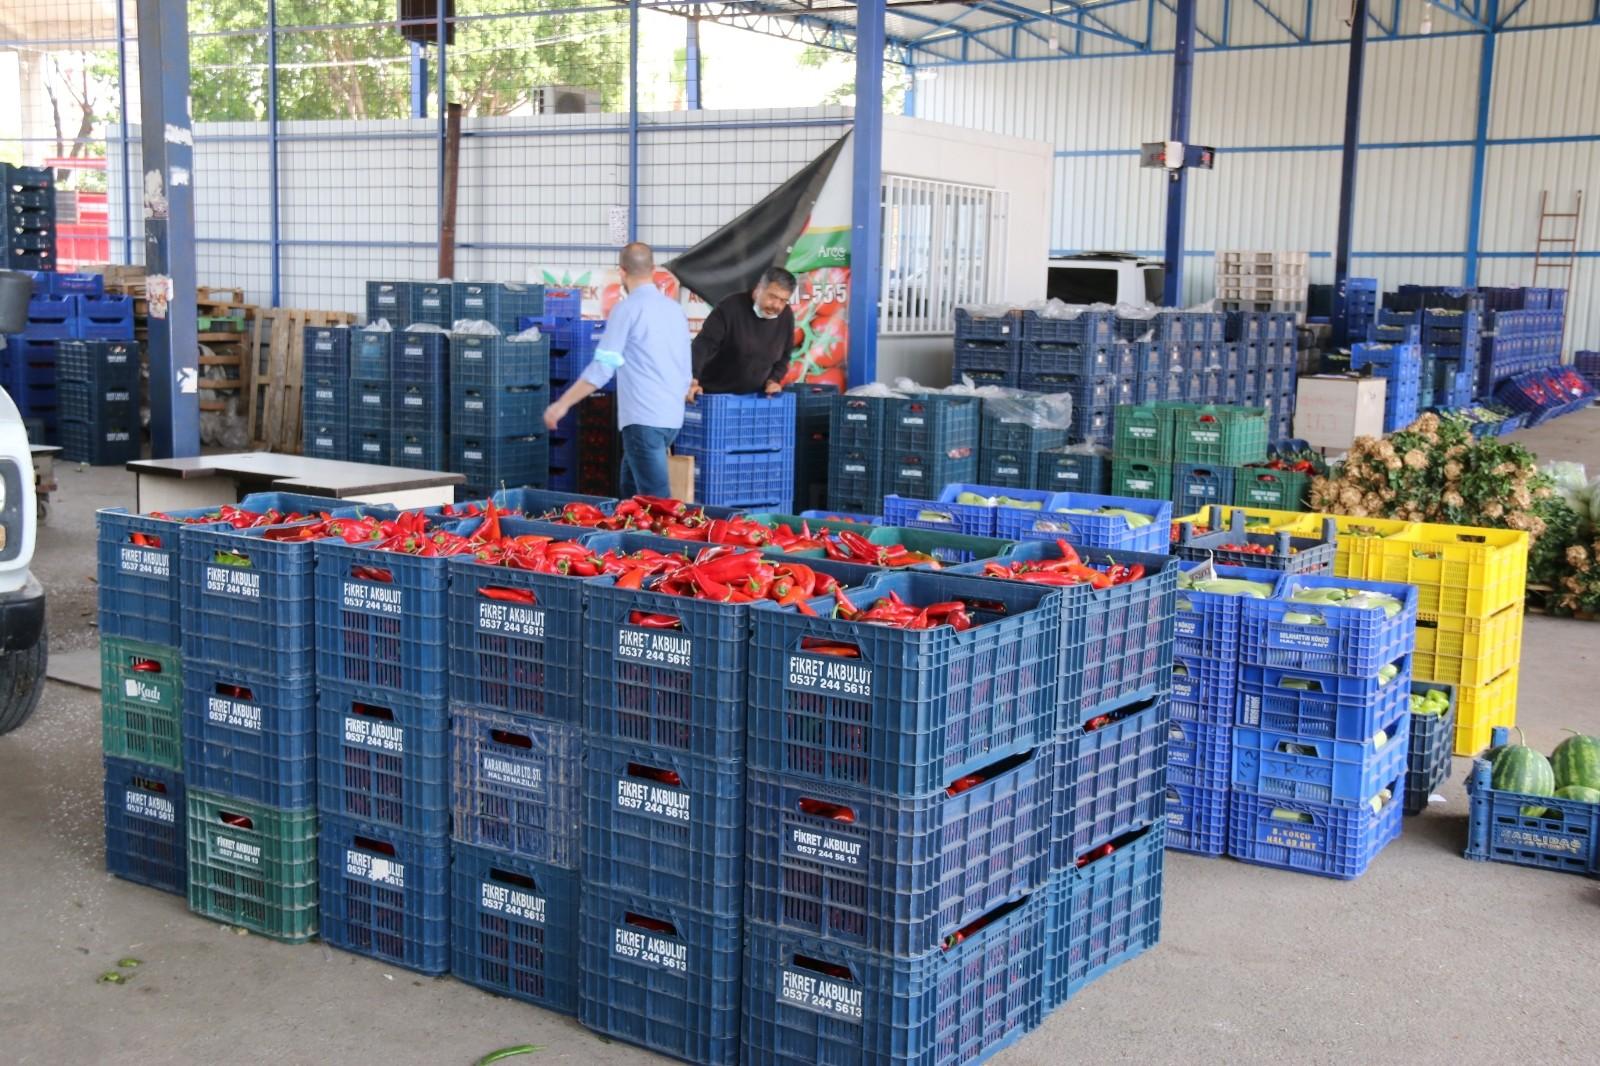 (ÖZEL) Antalya halinde semt pazarı hareketliliği başladı